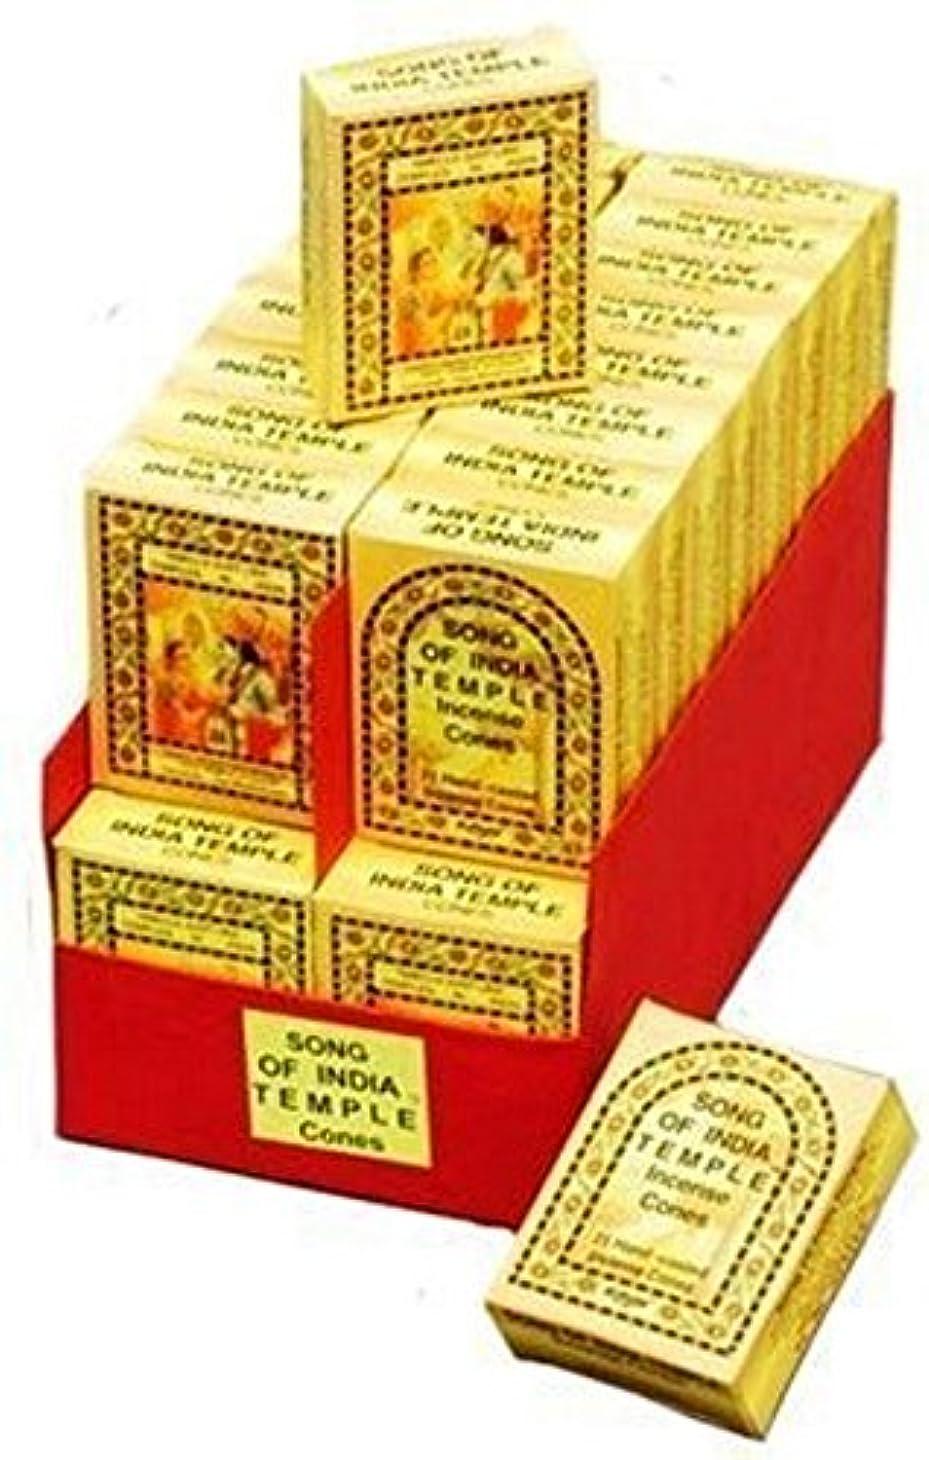 感動するノベルティ驚かすSong of India India Temple Incense - Cones - 5 Boxes(25/bx) by Song of India